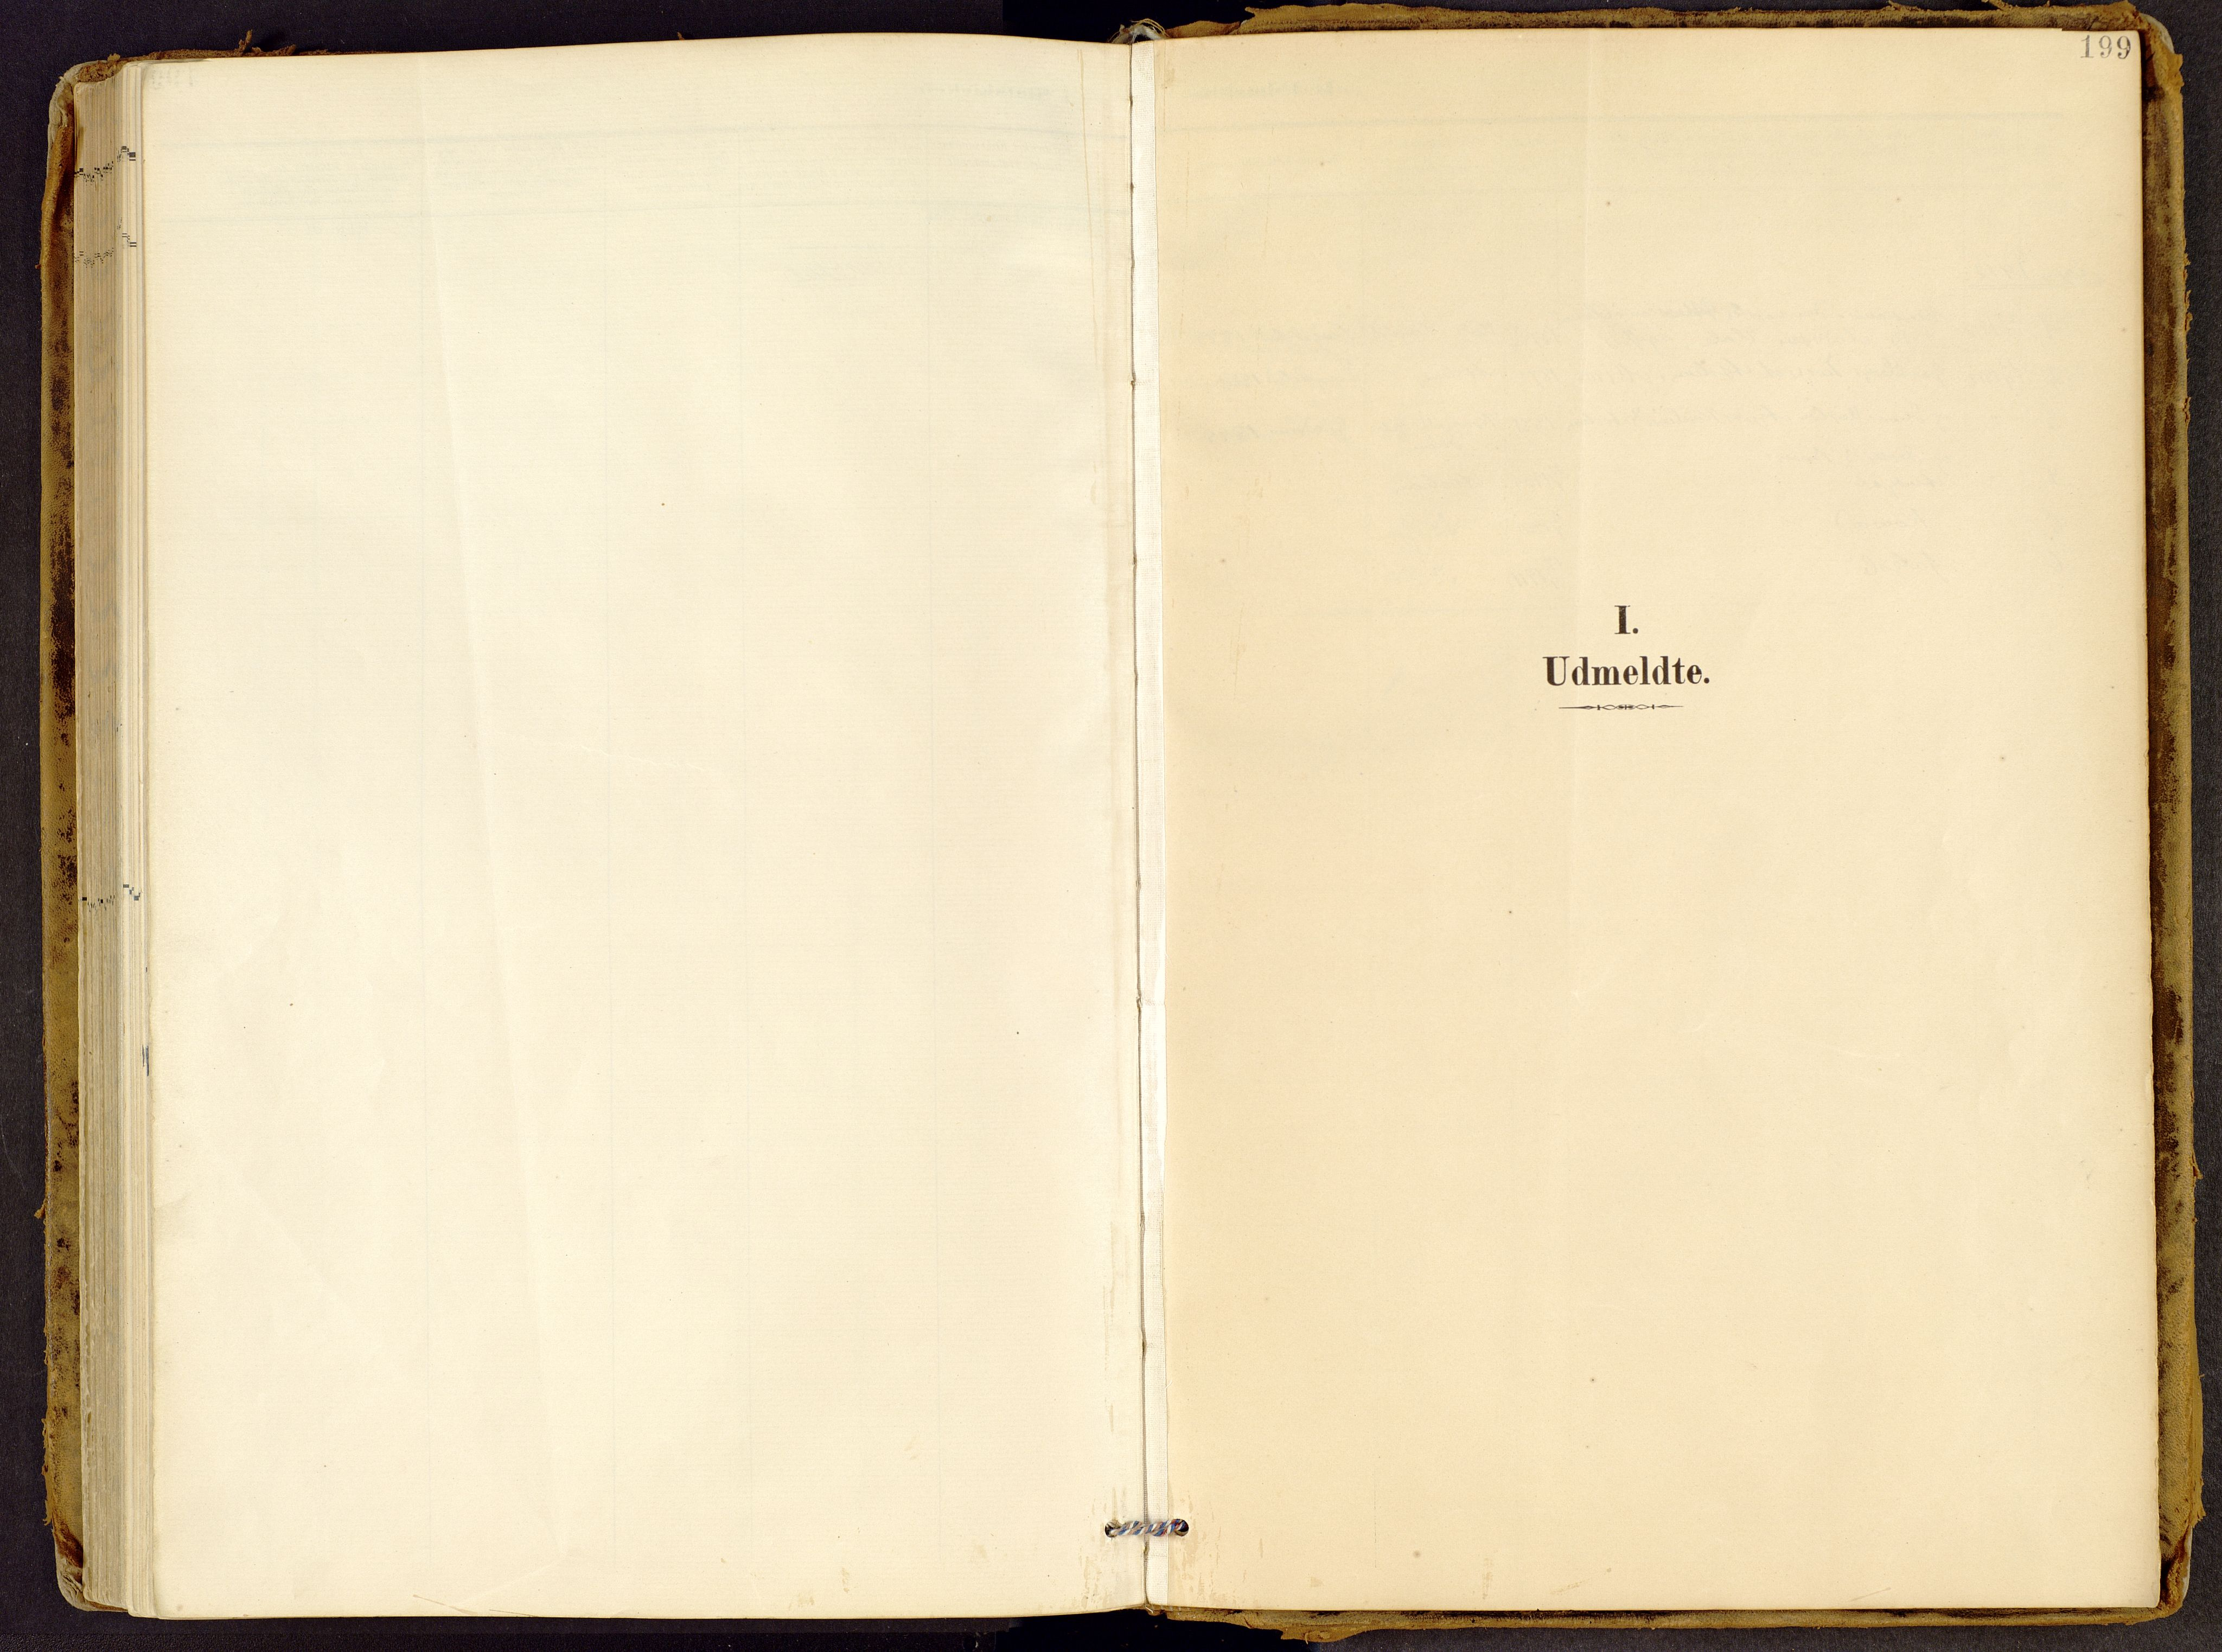 SAH, Brandbu prestekontor, Ministerialbok nr. 2, 1899-1914, s. 199